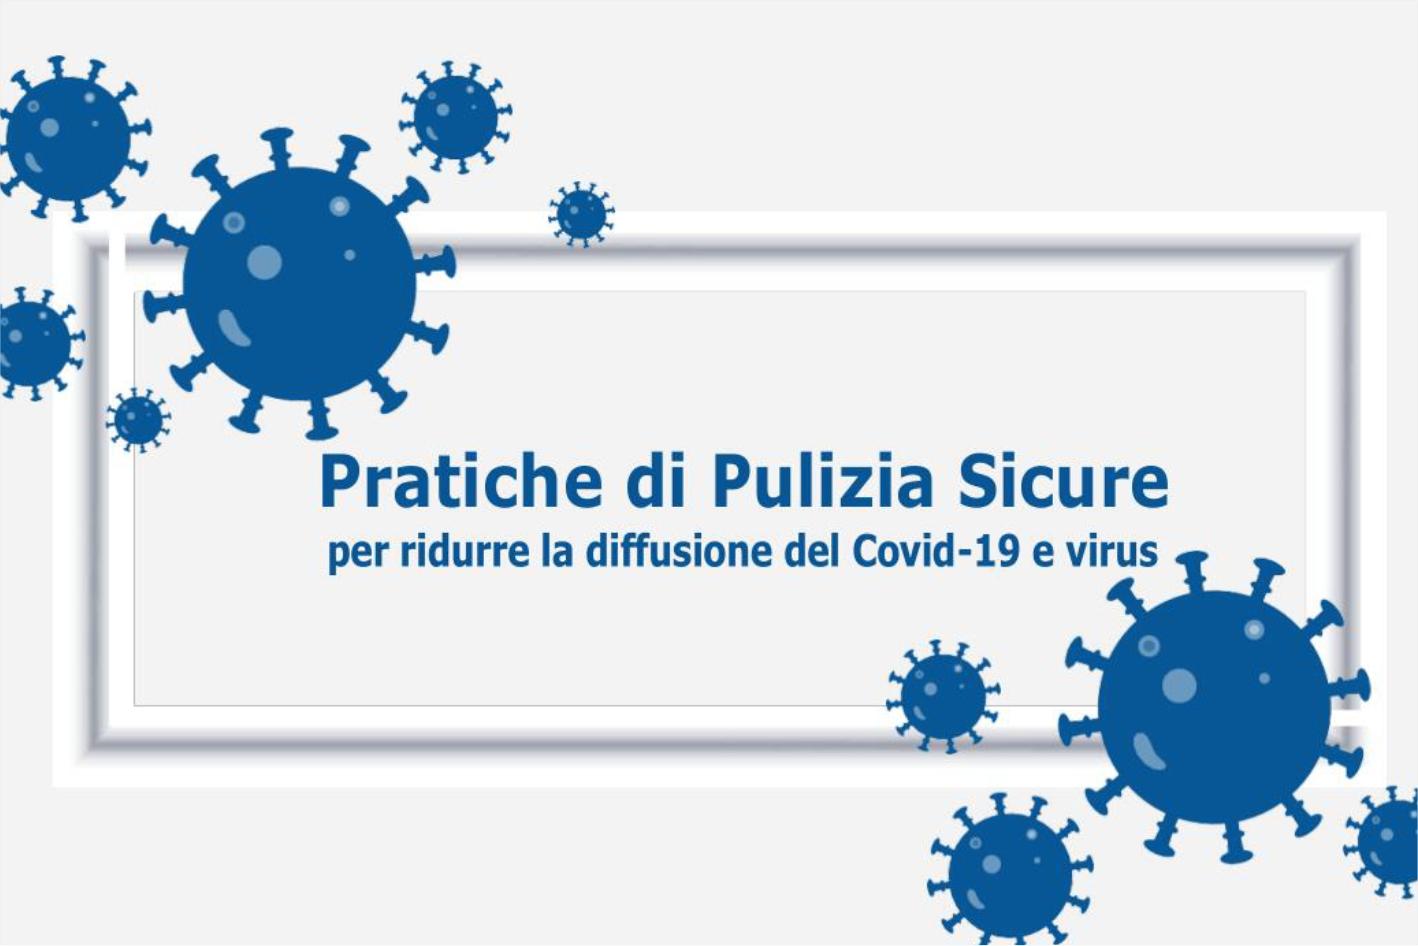 Pratiche di pulizia sicure per ridurre la diffusione dei virus